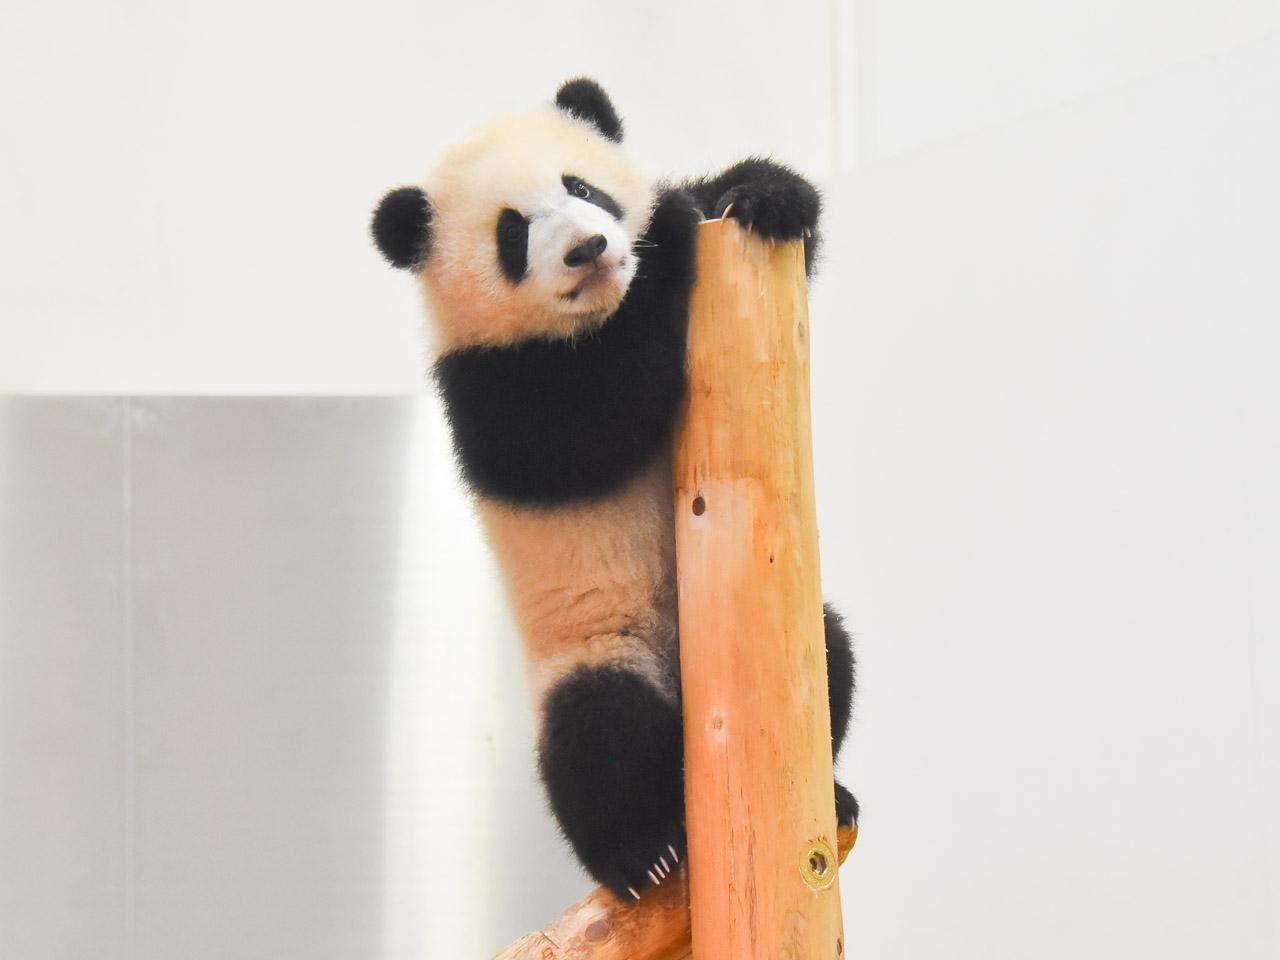 今が一番可愛い!?パンダの彩浜と家族に会いに白浜へ。パンダグルメと動画も!